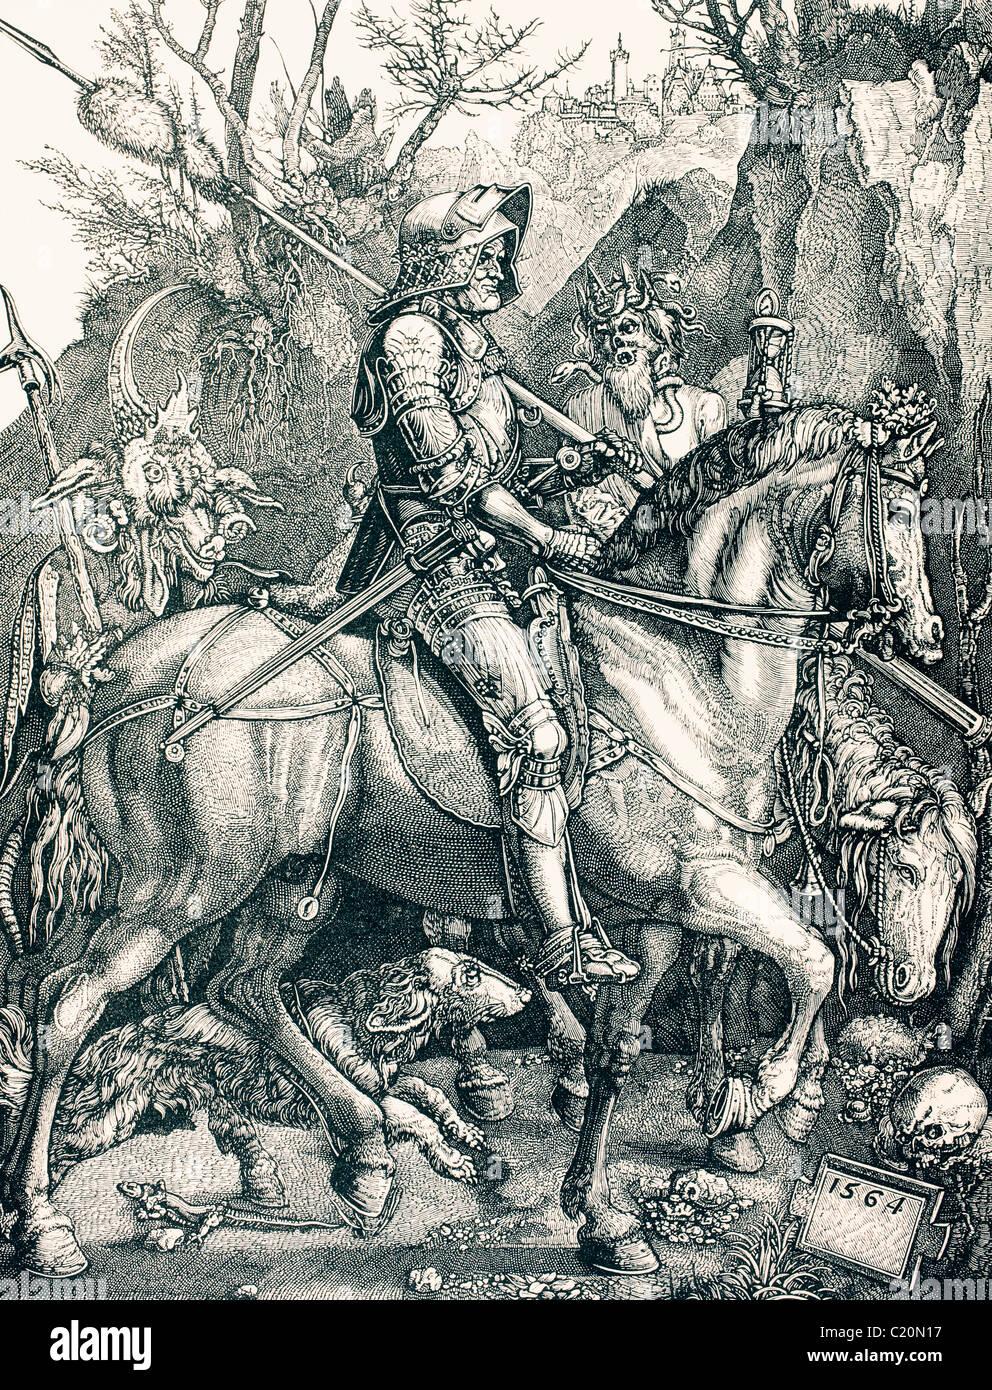 Der Ritter des Todes. Sünde und Tod begleiten ihn, personifiziert durch seine Diener und Squire. Stockbild